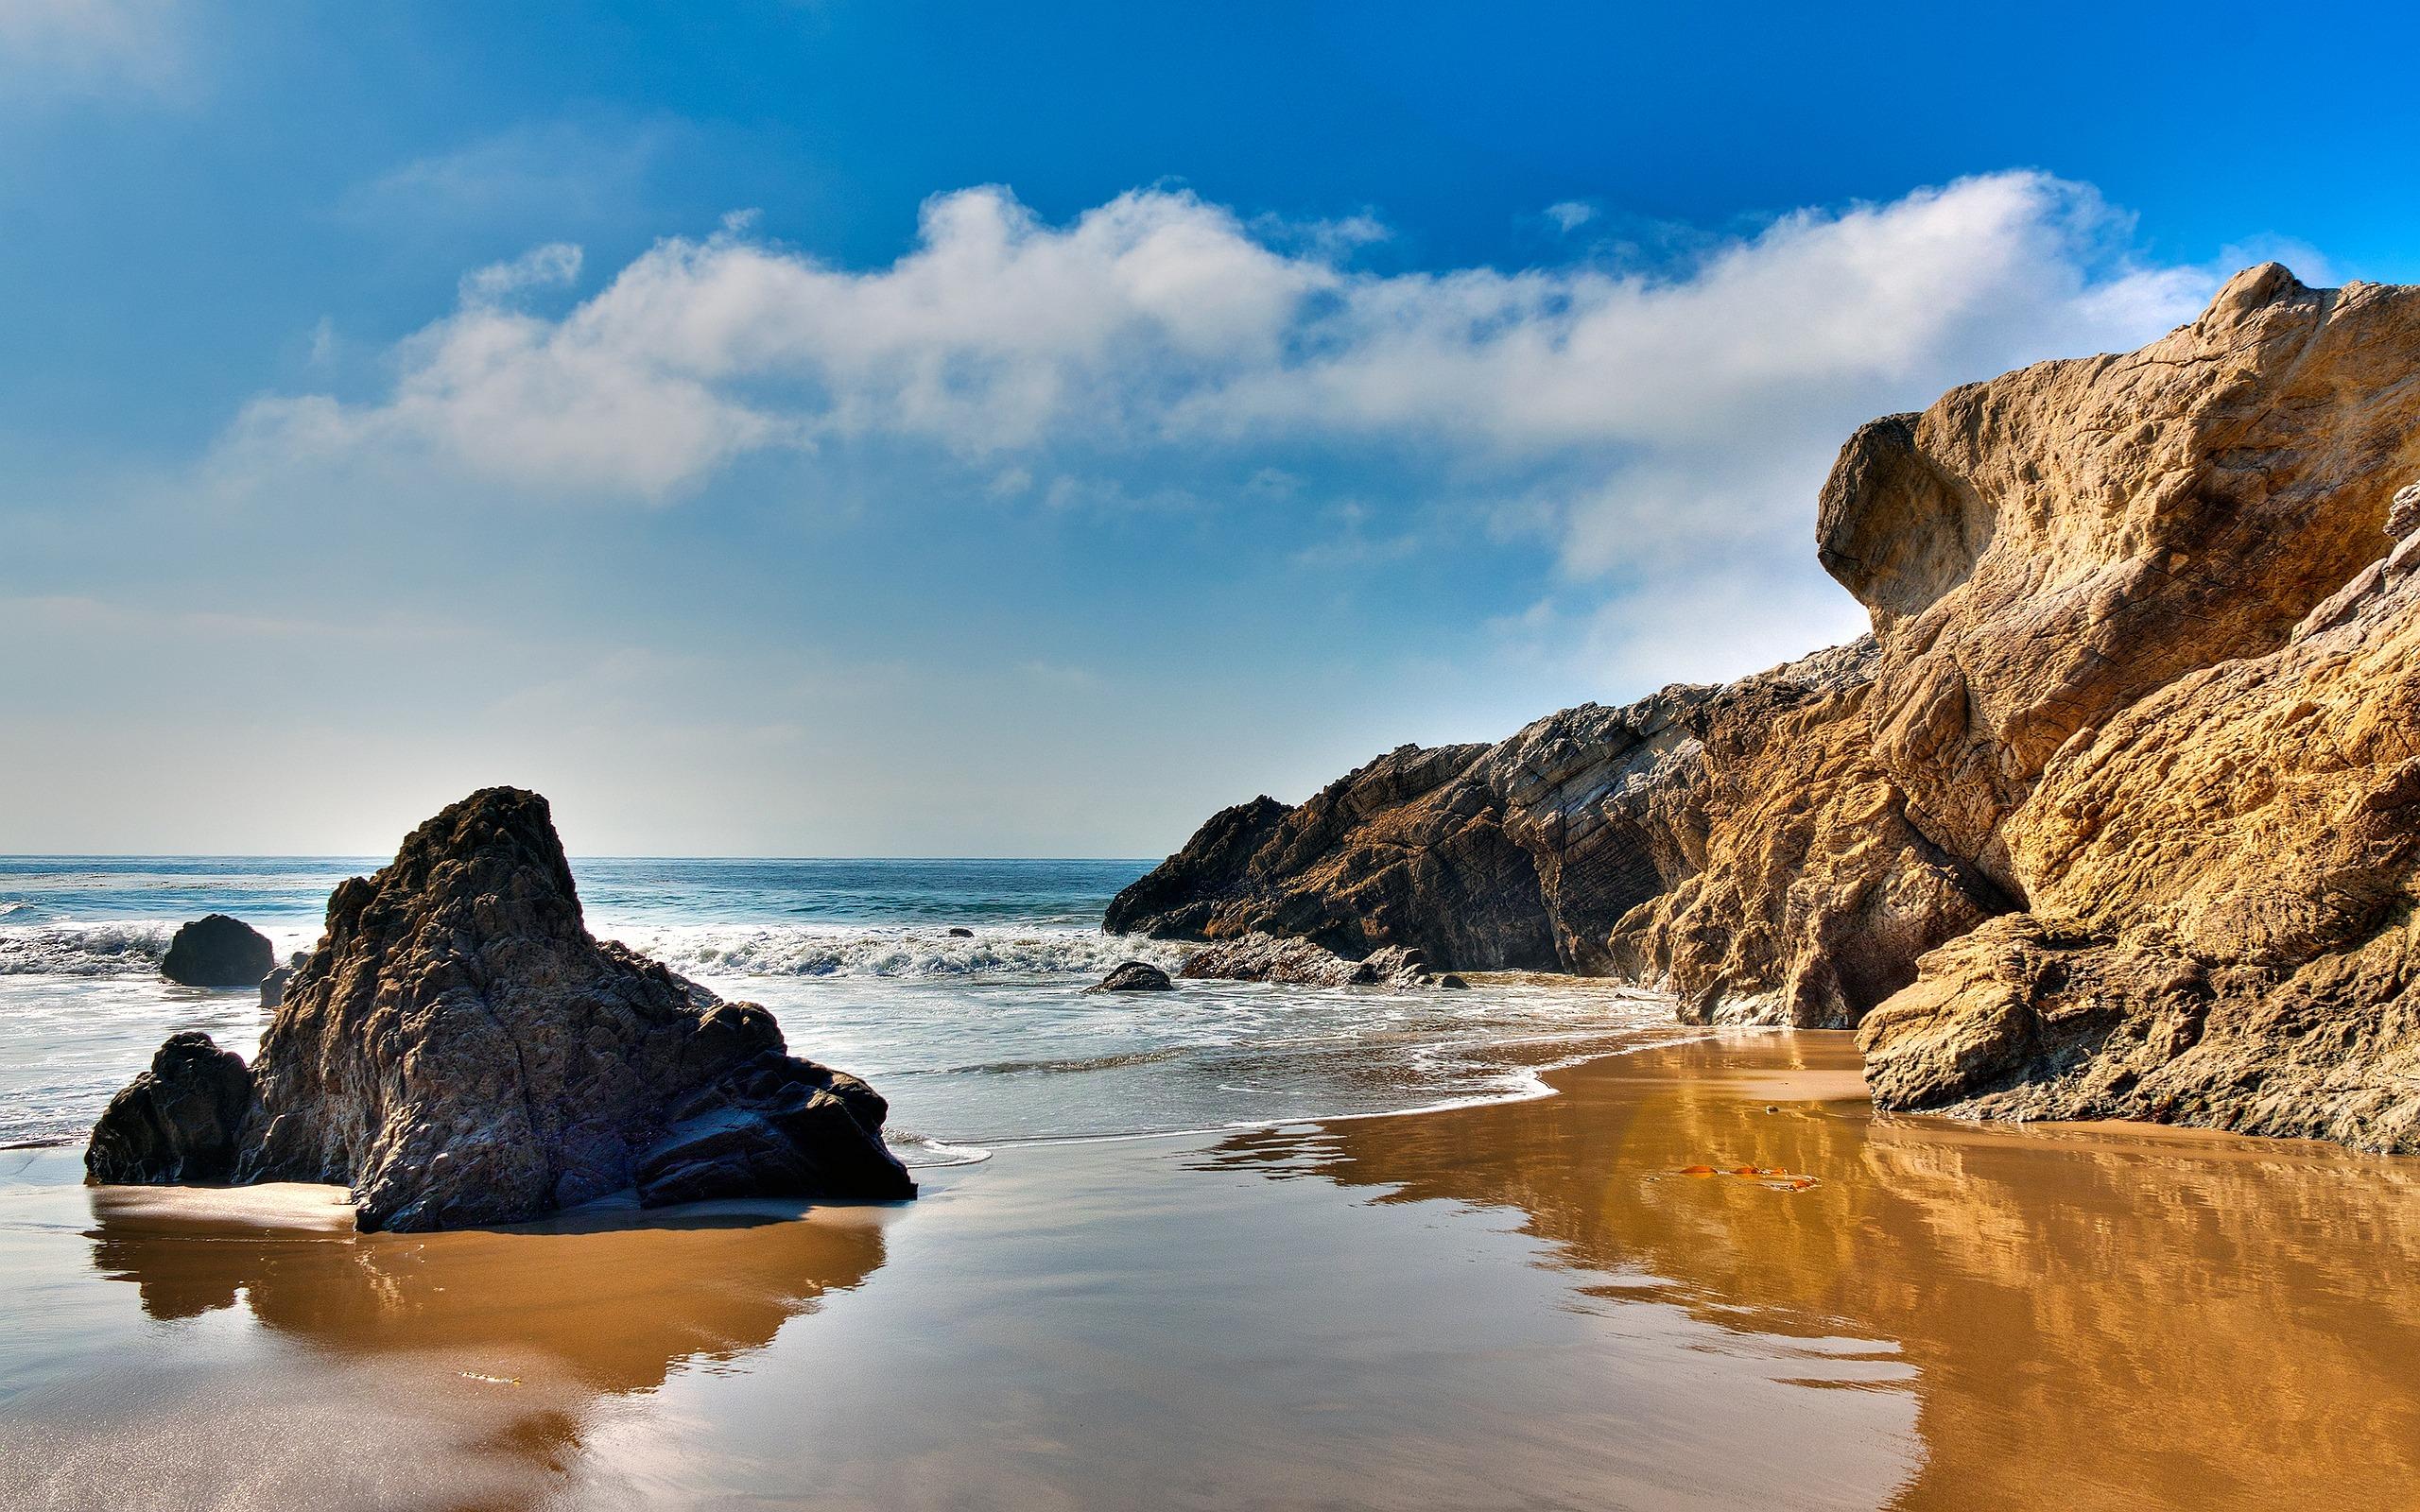 sand beach malibu